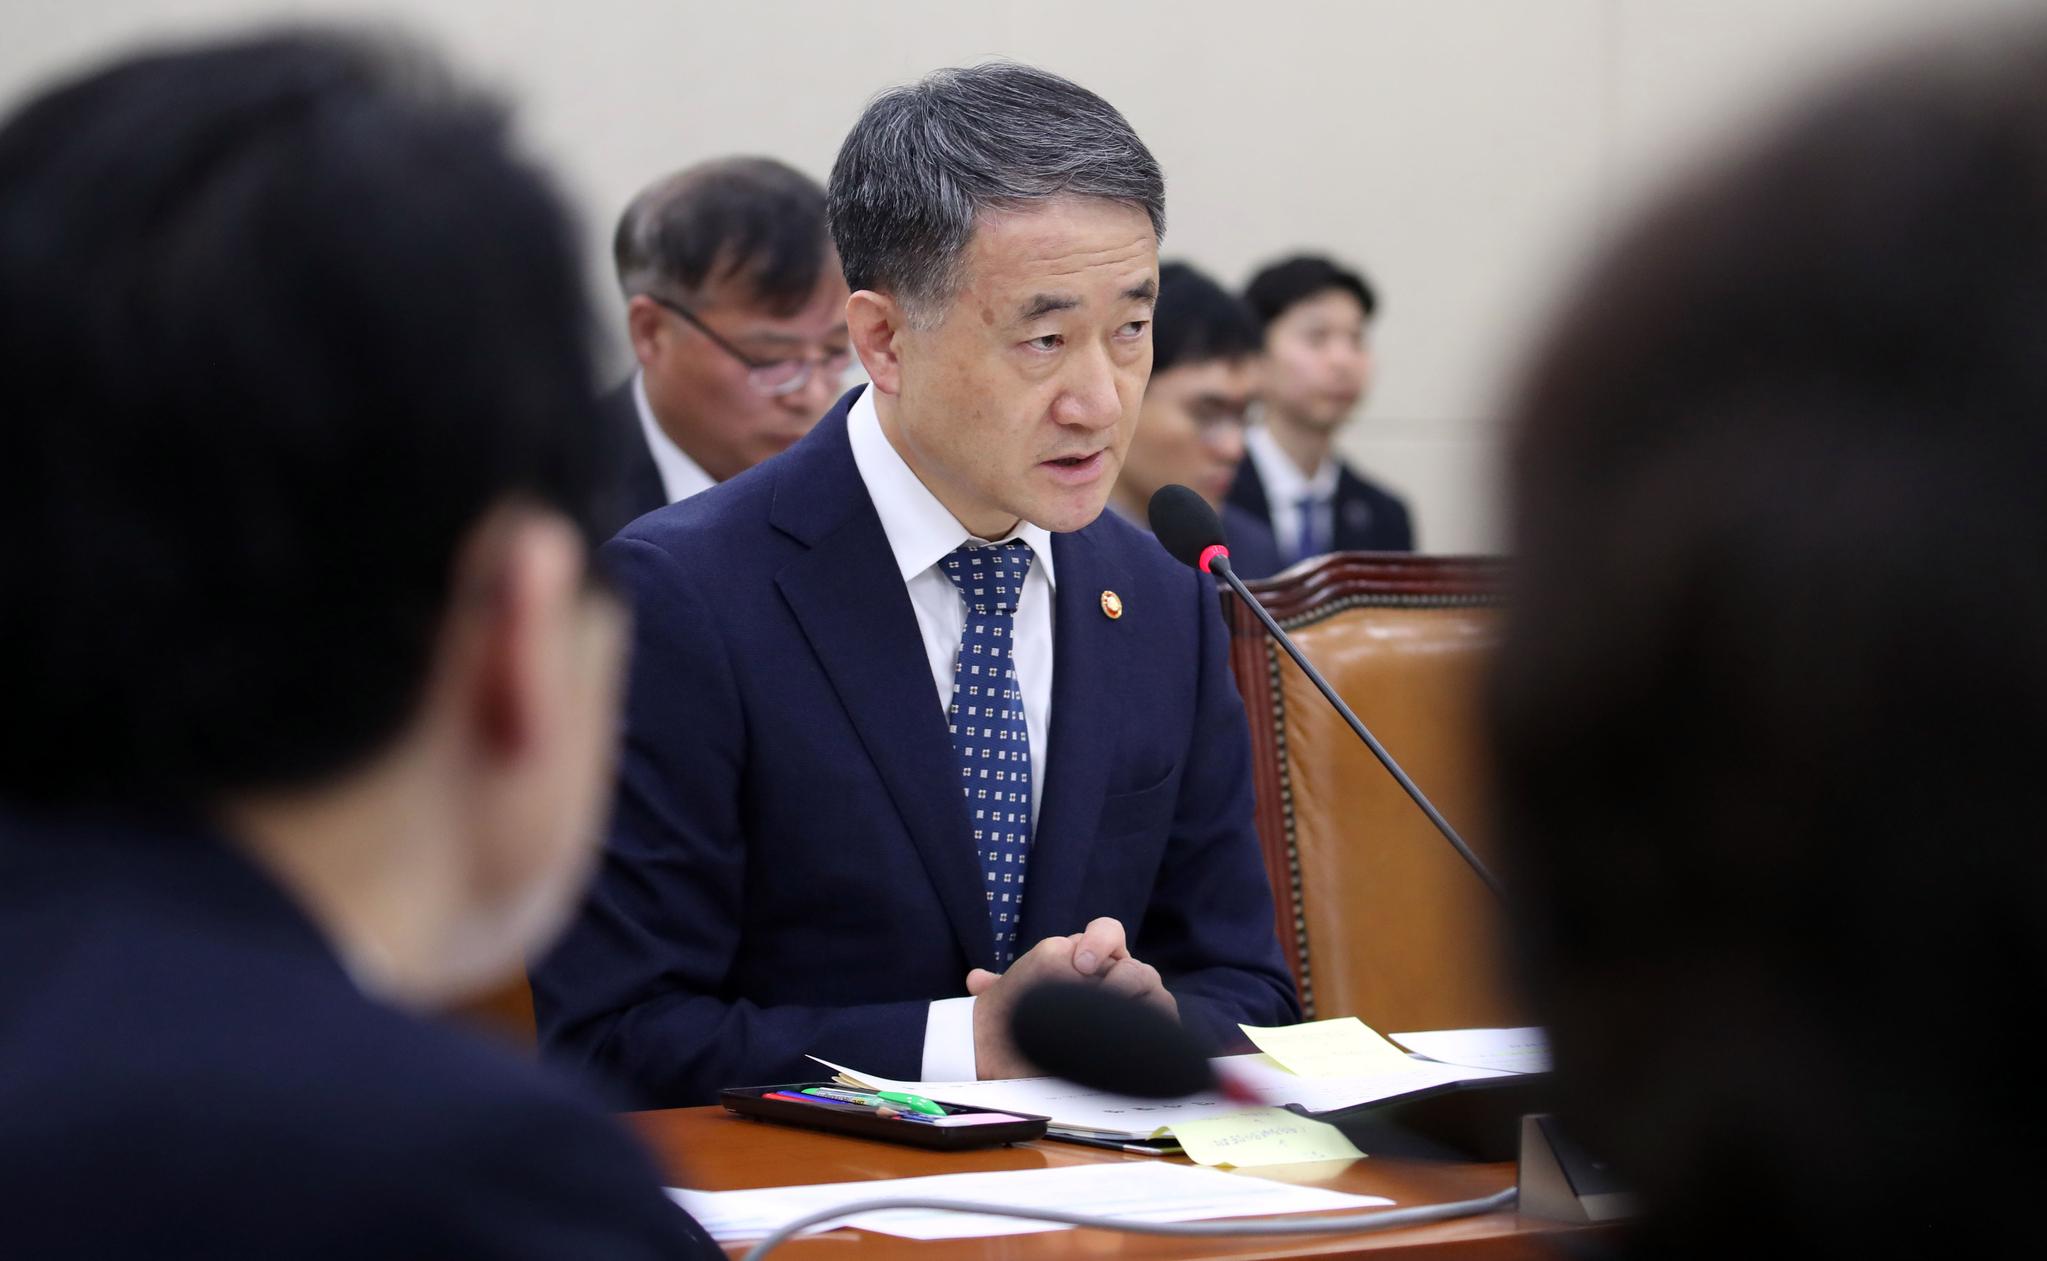 박능후 보건복지부 장관이 20일 국회에서 열린 보건복지위원회 전체회의에서 의원들 질의에 답하고 있다. [연합뉴스]